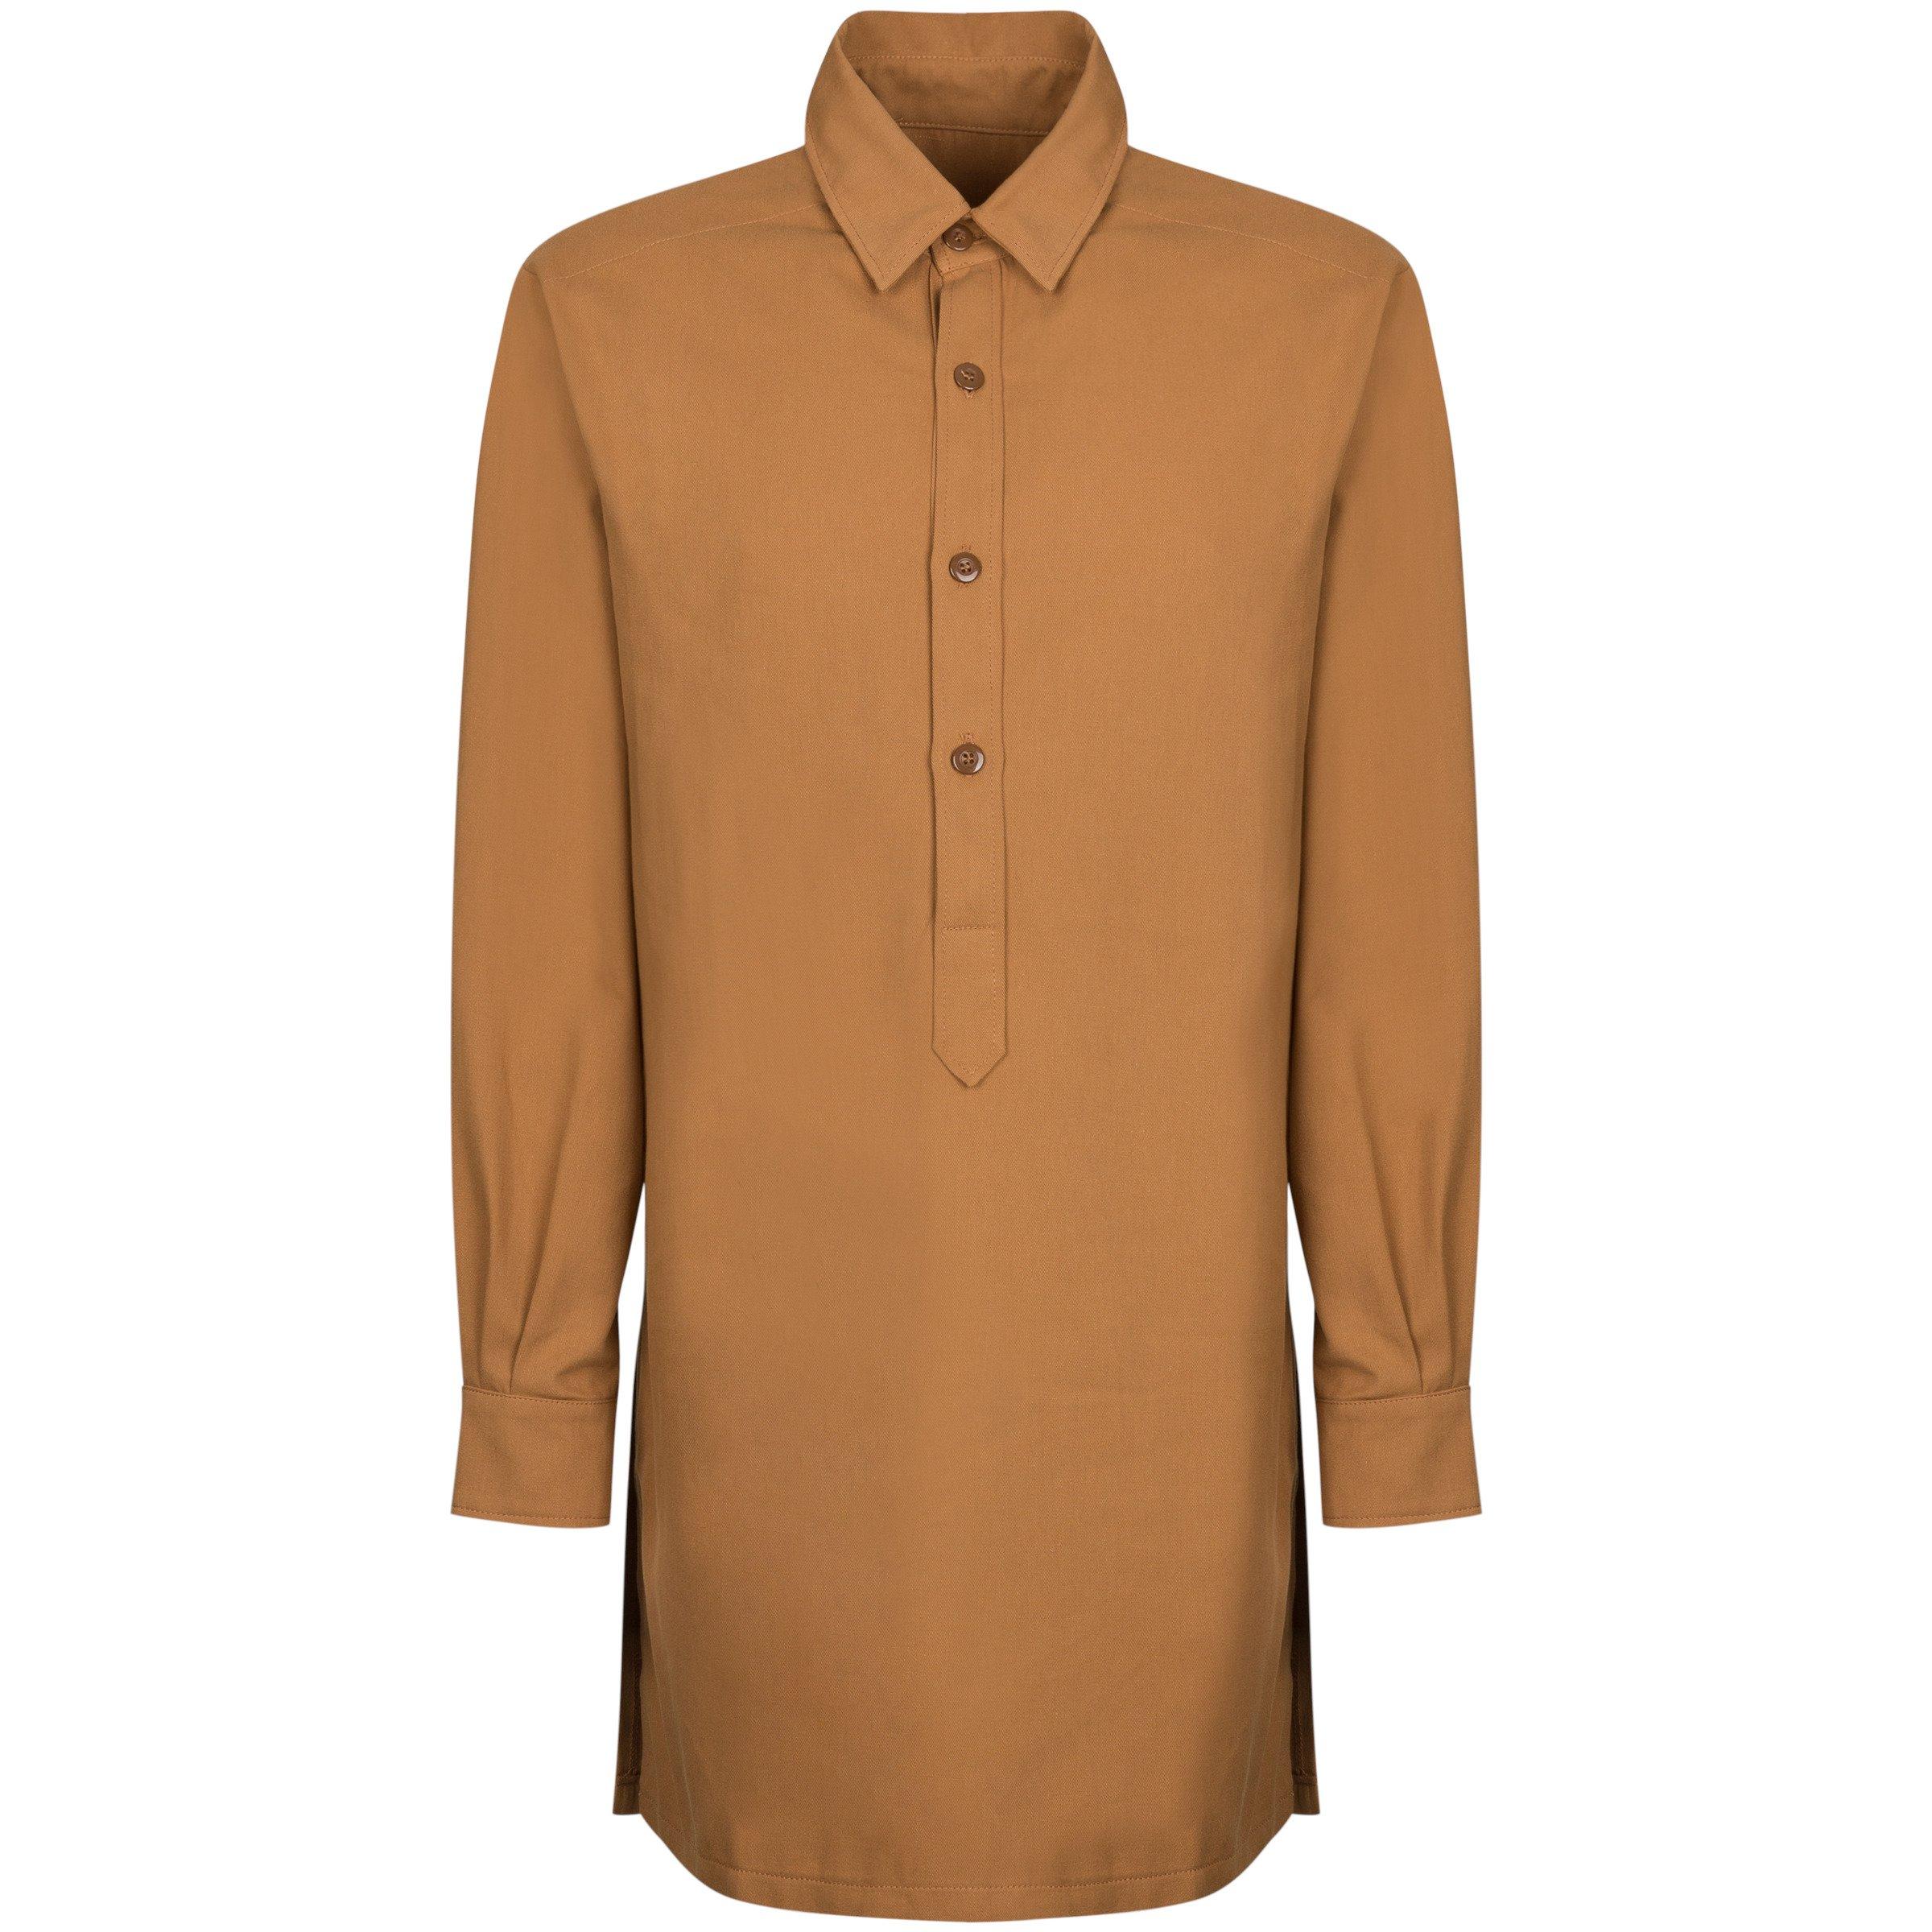 M32 SS hemd - brown shirt - repro XXL   Germany  1933   SS Uniforms ... 10691f857a